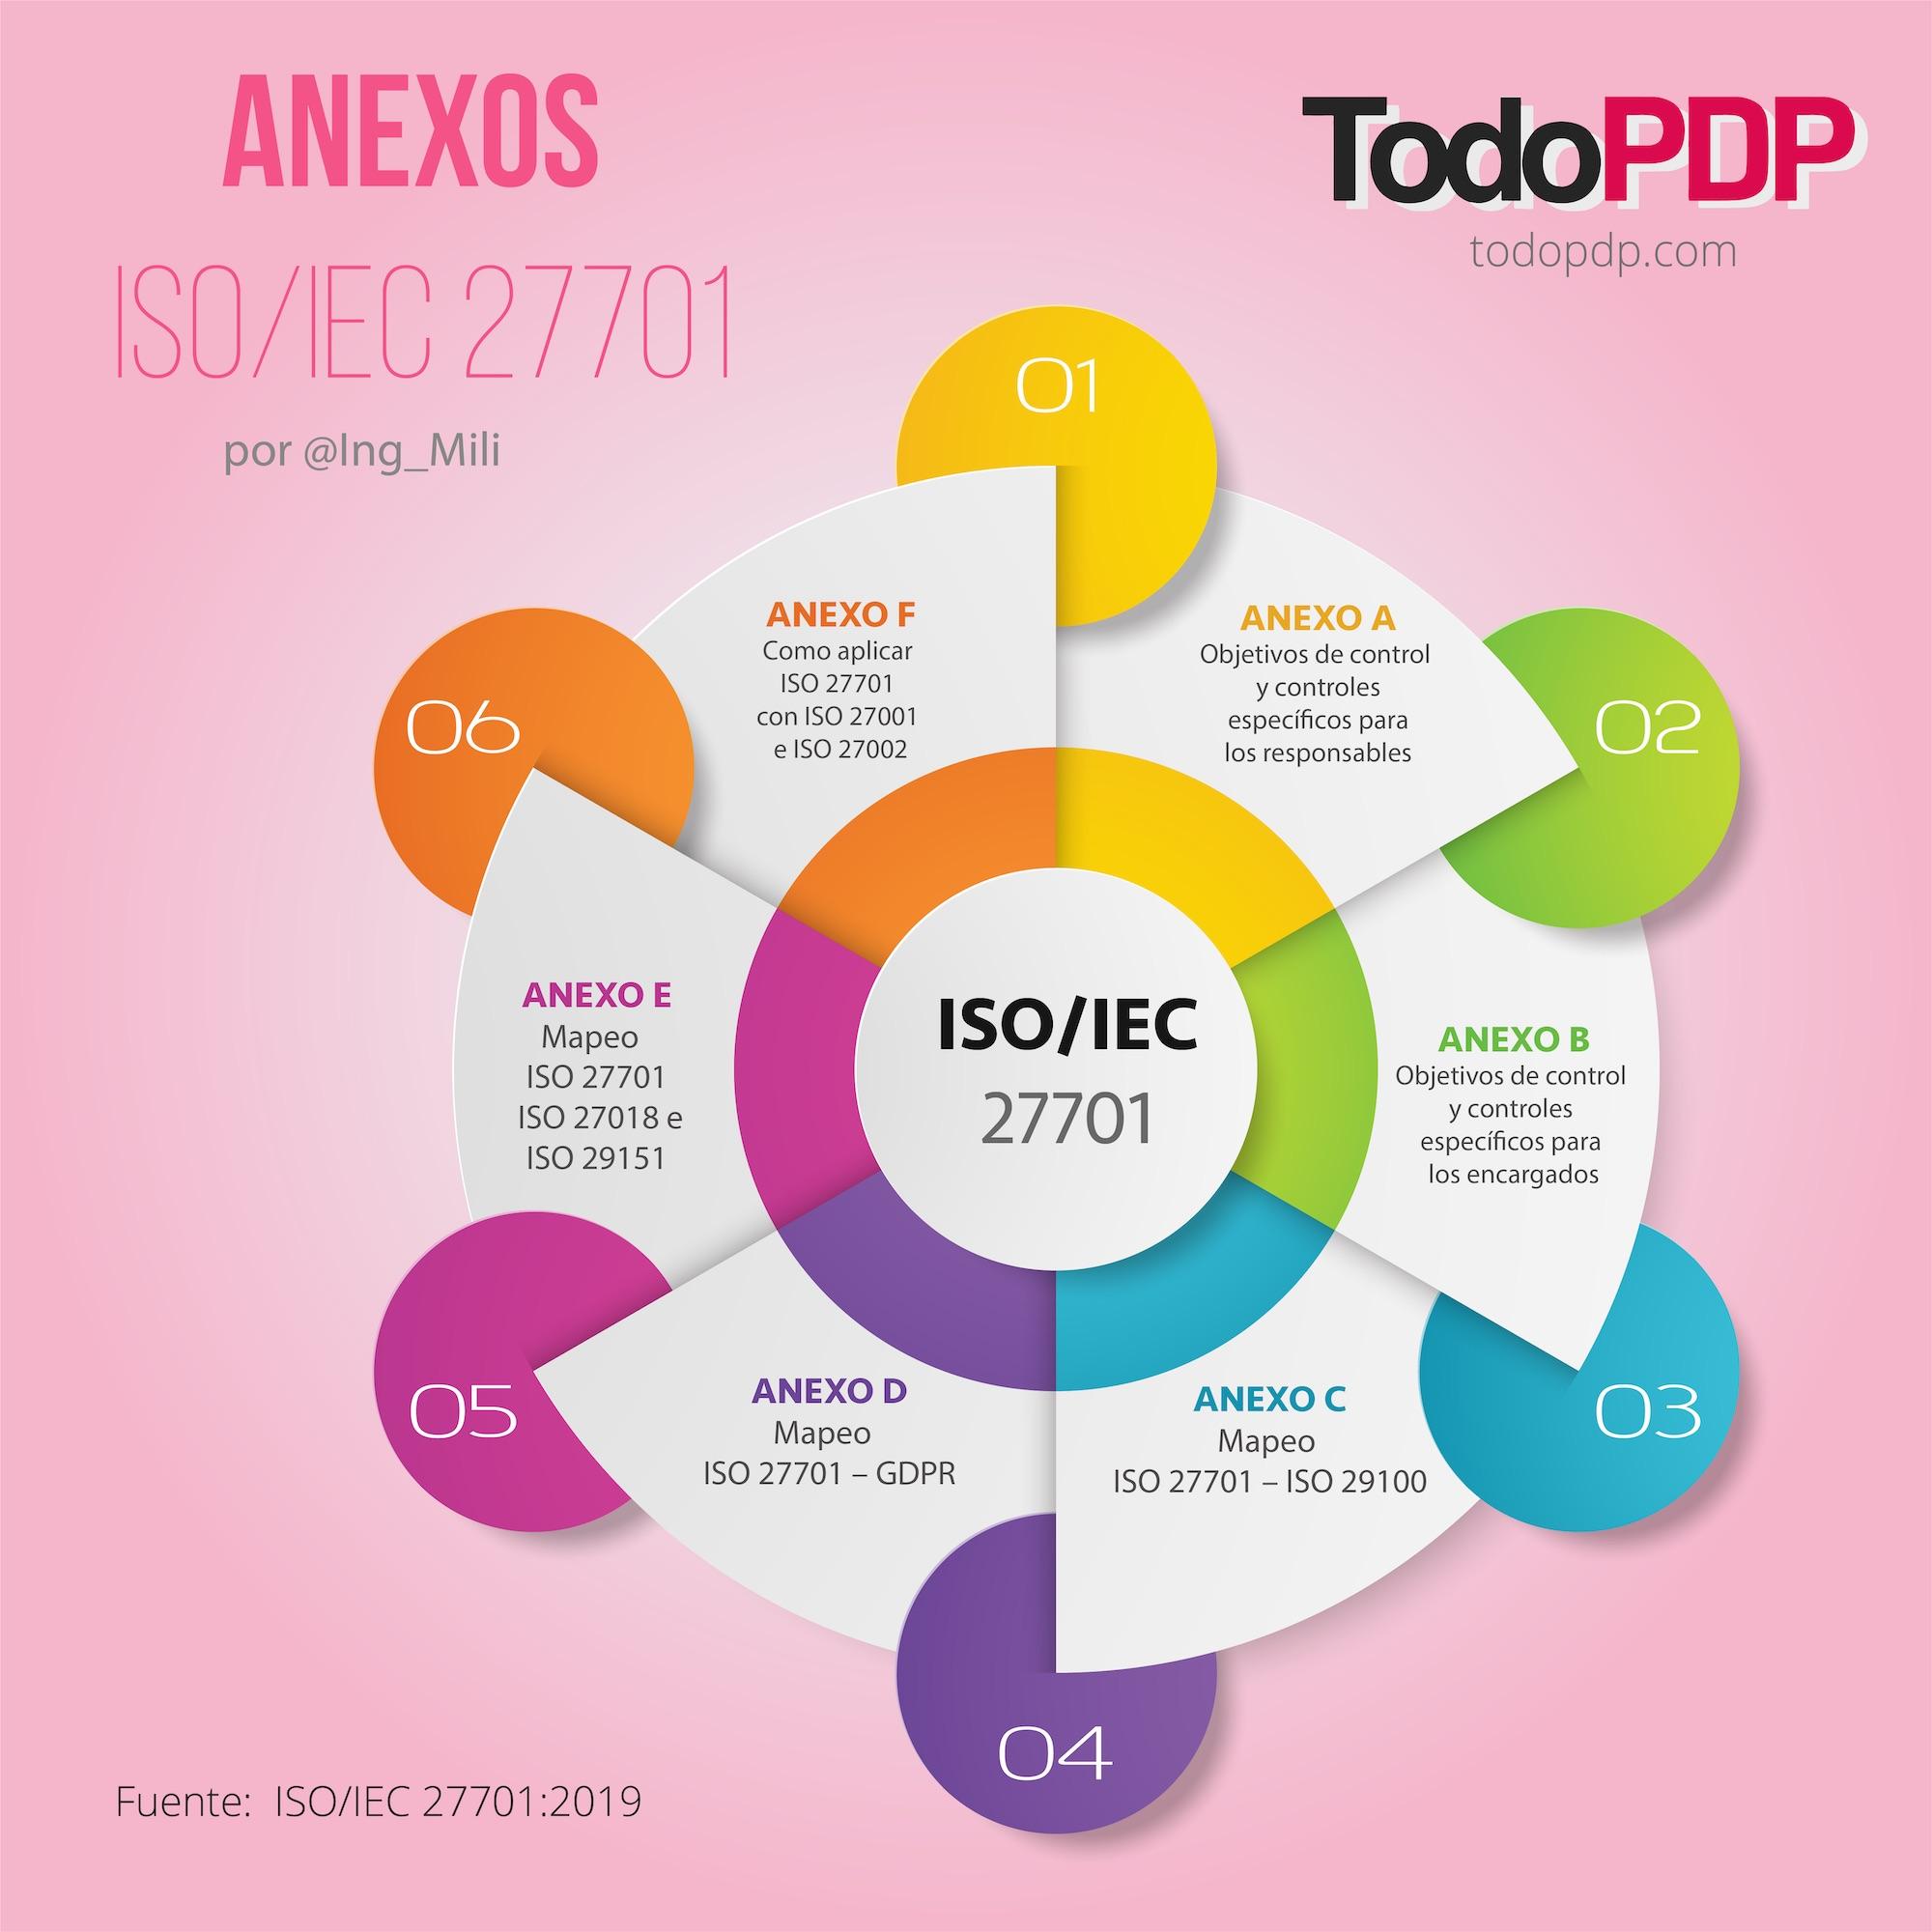 Anexos del estándar ISO/IEC 27701